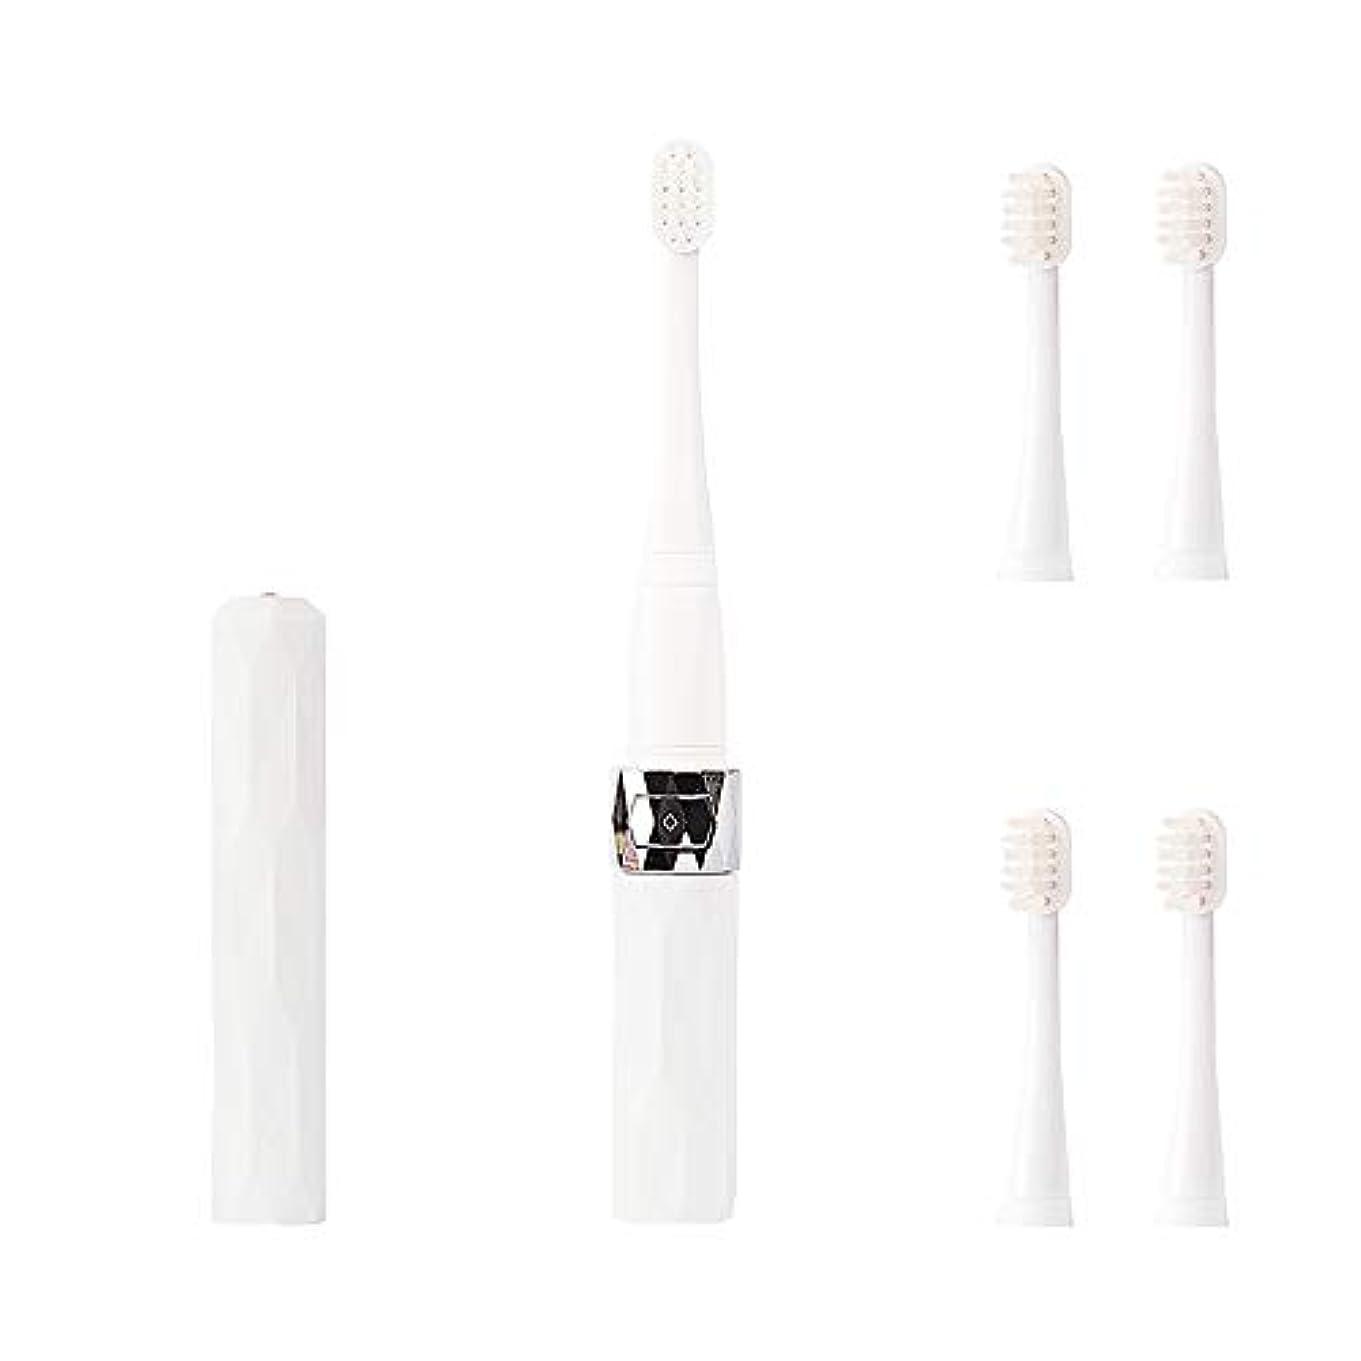 チャンス粉砕する少ないコリミダ(COLIMIDA) 電動歯ブラシ 子供歯ブラシ 音波振動 スマートソニック 携帯に便利な 防水式 替えブラシ4本 歯ブラシシステマ 極細毛 タイプ ルージュ ホワイト